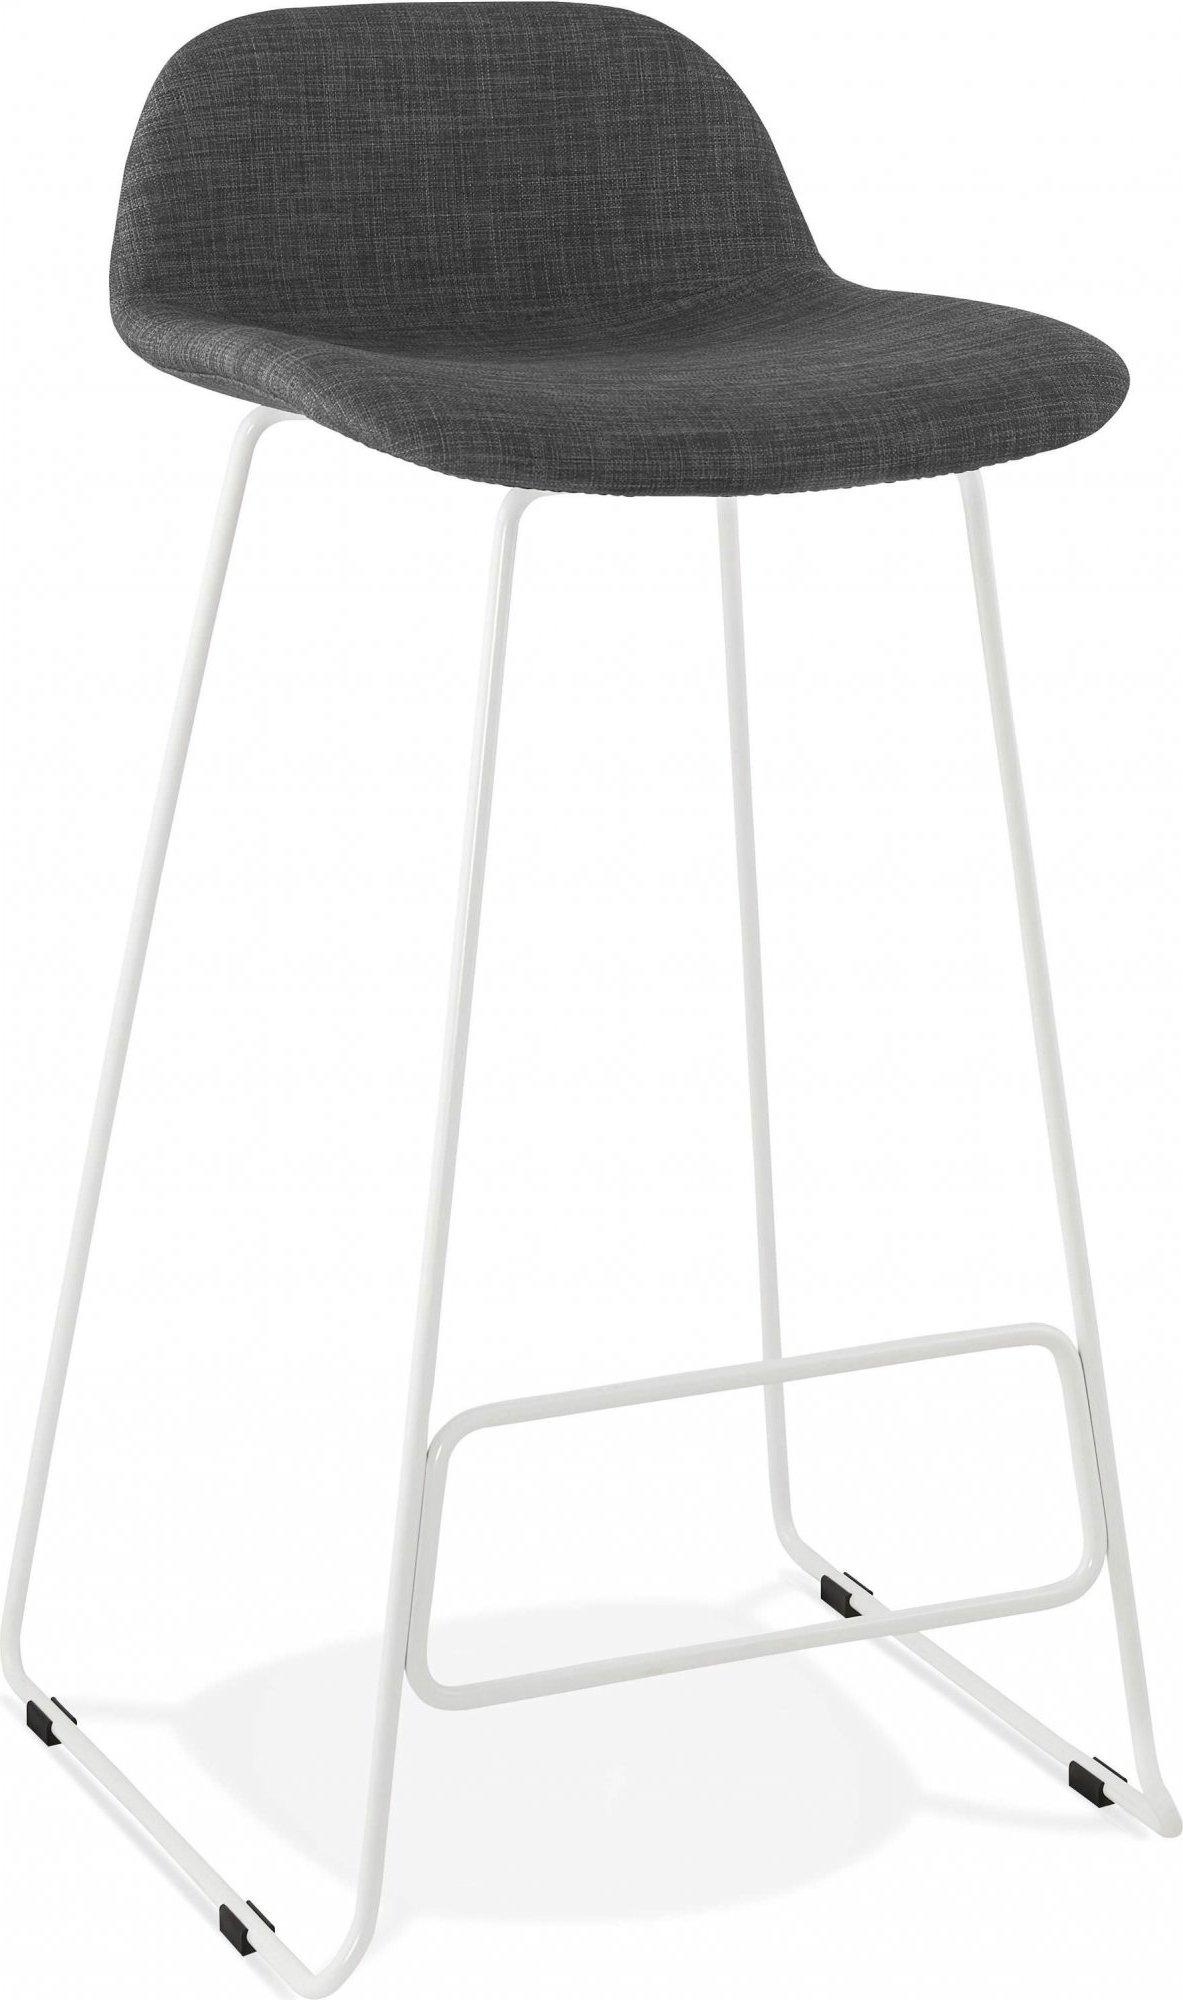 Tabouret de bar en tissu gris et métal blanc h95cm